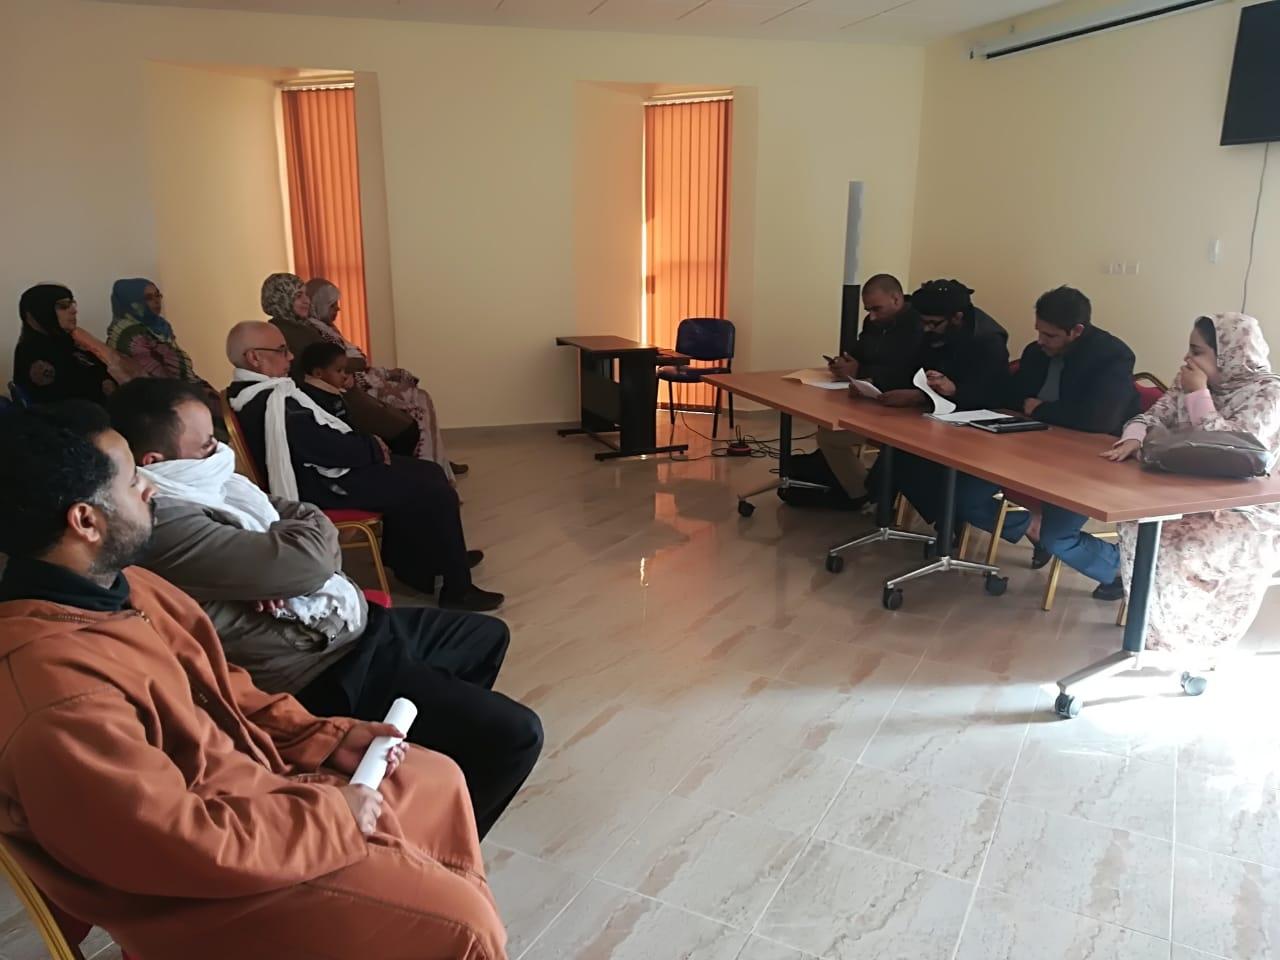 Photo of الفرع الإقليمي للنقابة المستقلة للصحافيين المغاربة يرى النور بجماعة بئر كندوز